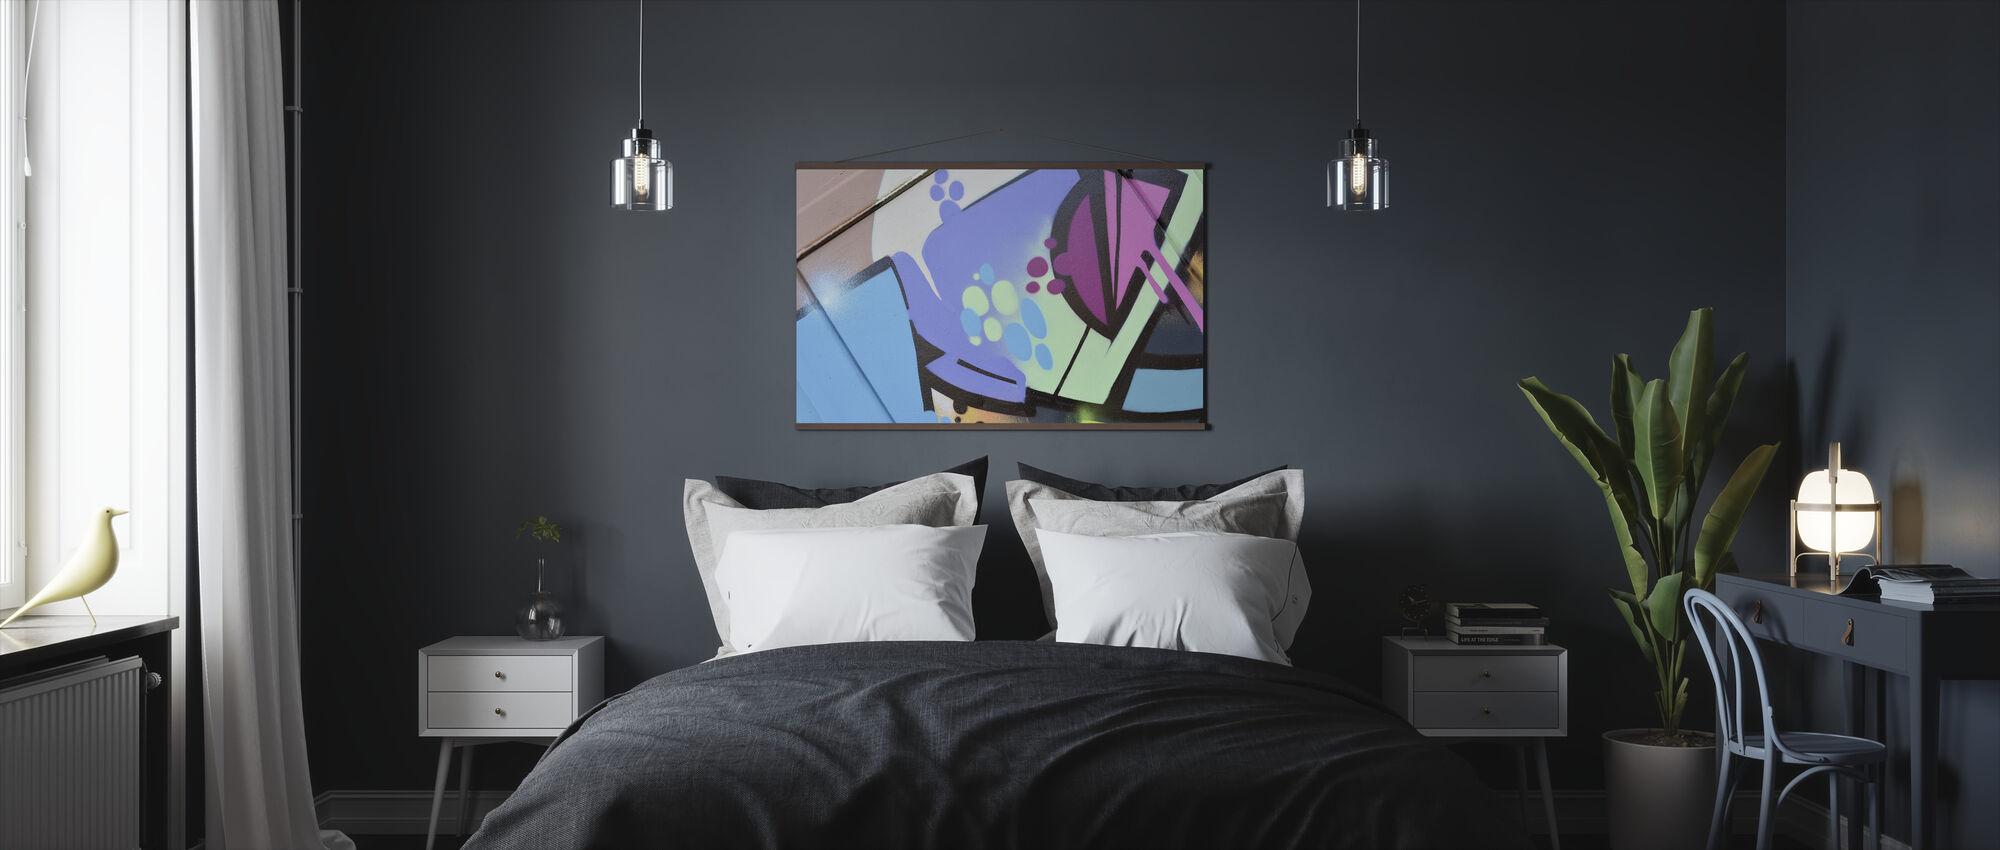 Pastellin graffiti - Juliste - Makuuhuone